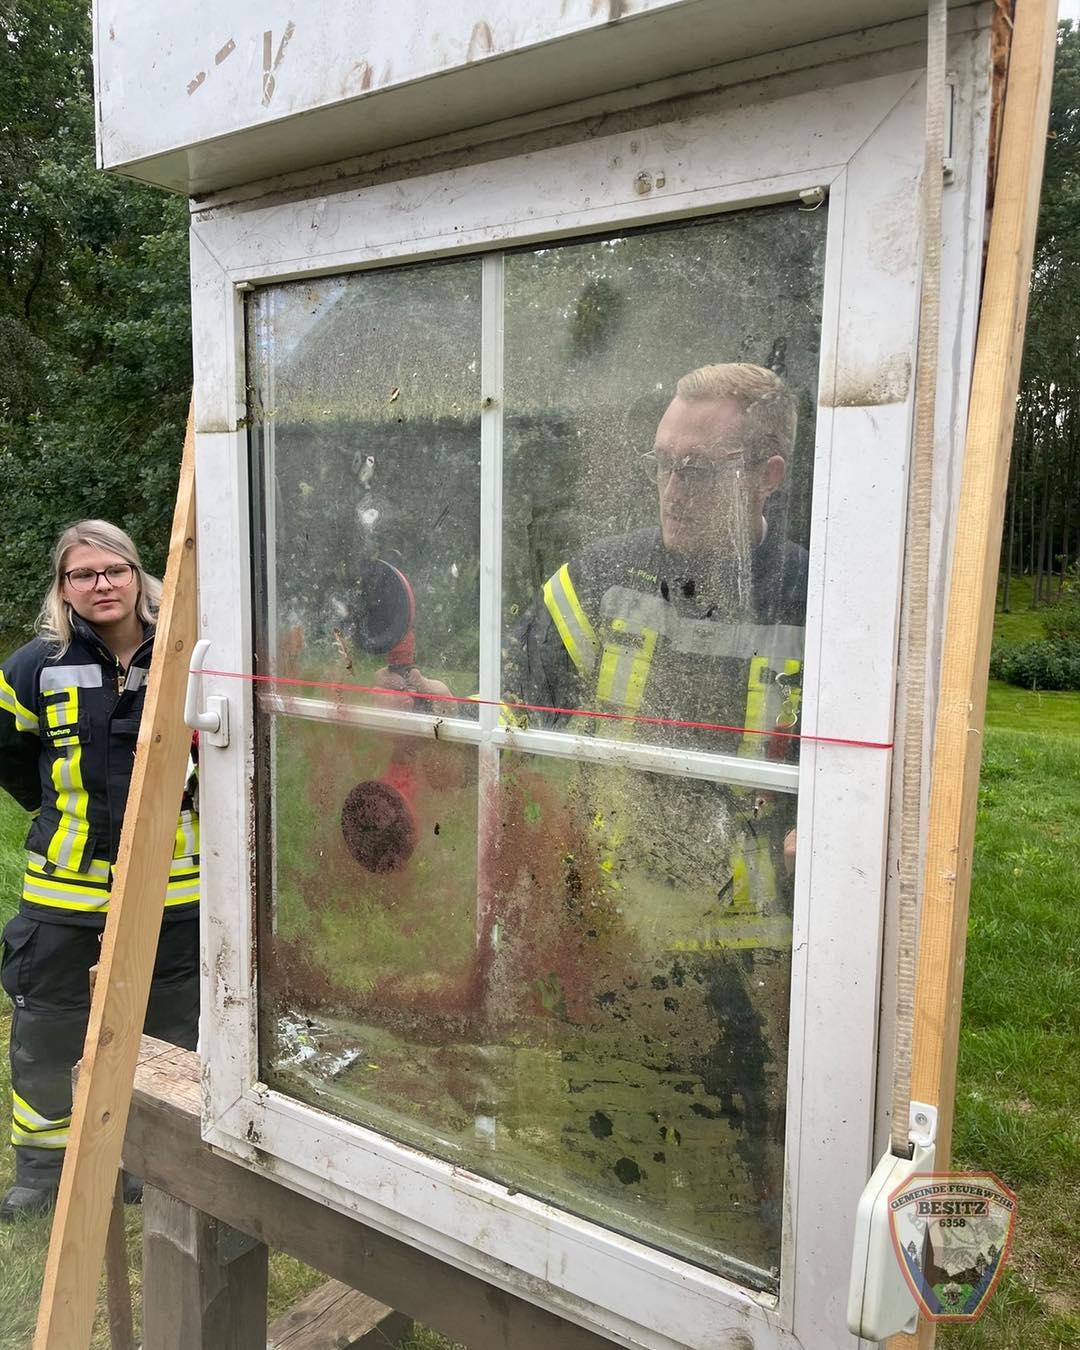 Notfallöffnung von Fenster und Türen auf dem Programm